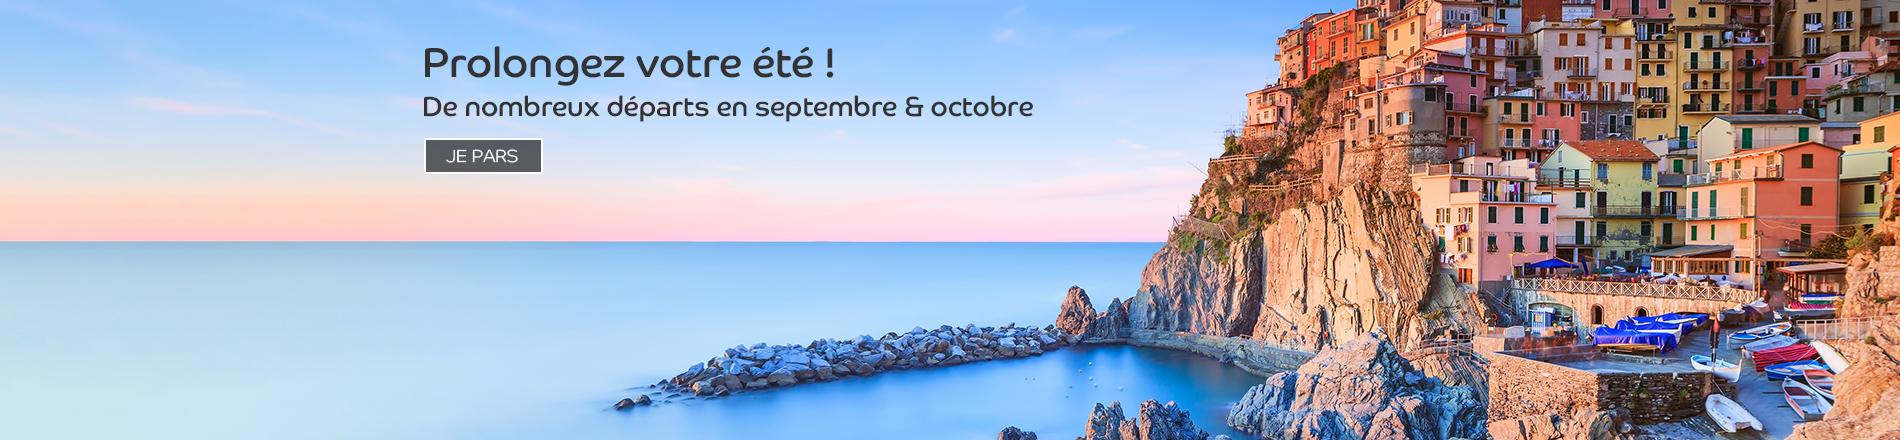 Les voyages en septembre et octobre en avion et autocar